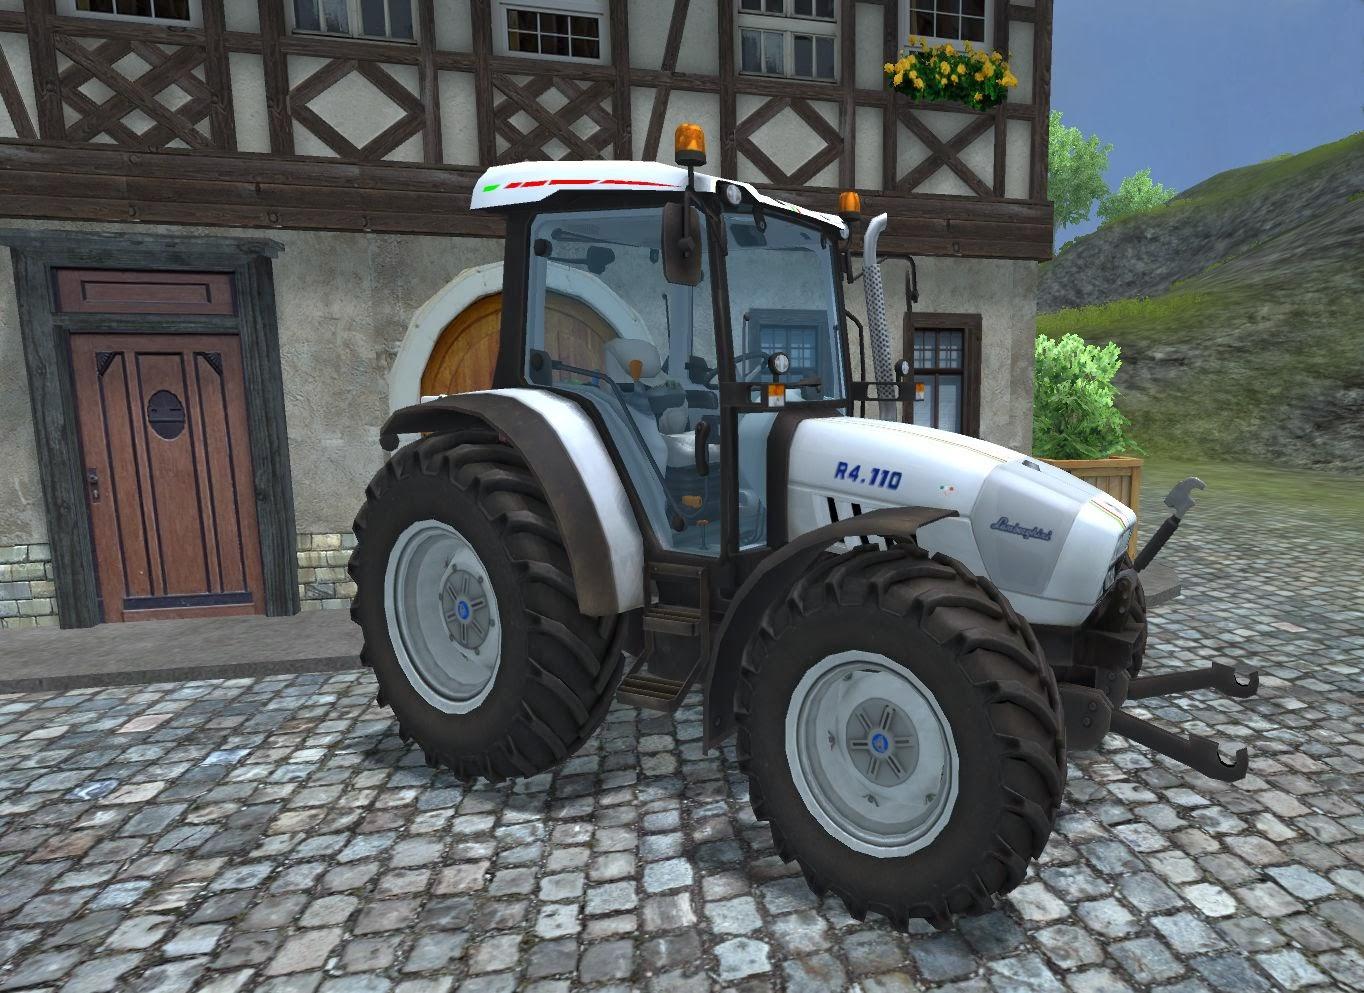 El R4 es el tractor polivalente ideal: simple práctico y funcional